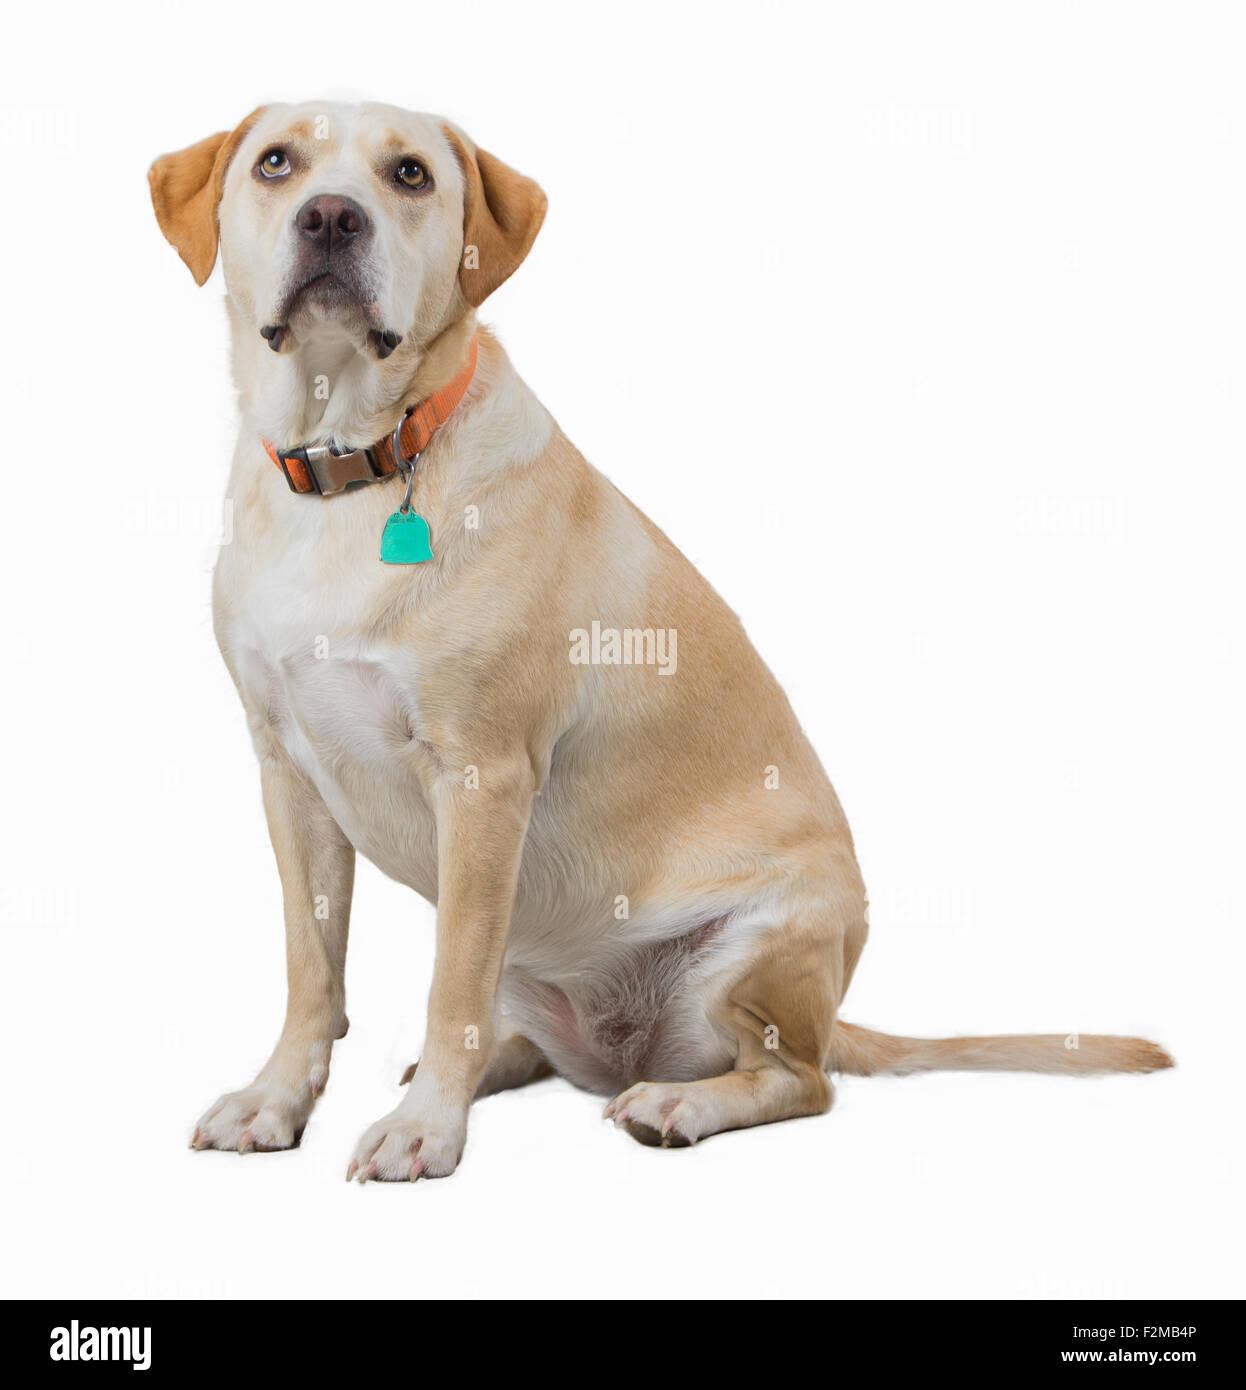 Yellow dog isolated on white - Stock Image